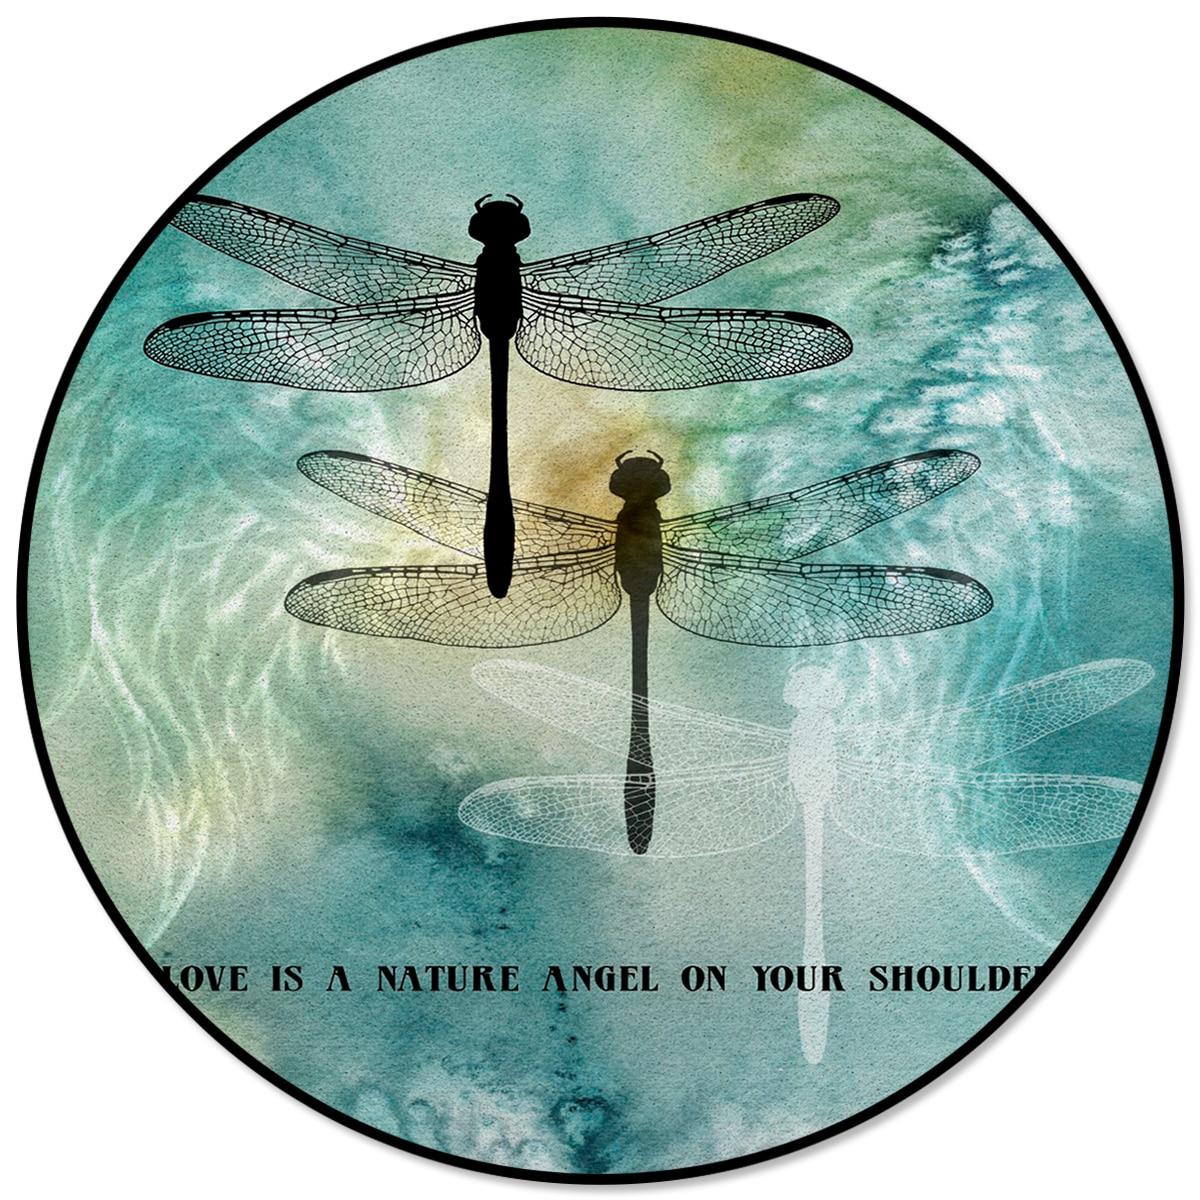 Tapete redondo asas de libélula tinta amor é um anjo natural em seu ombro super macio dia de natal restaurante esteira tapetes